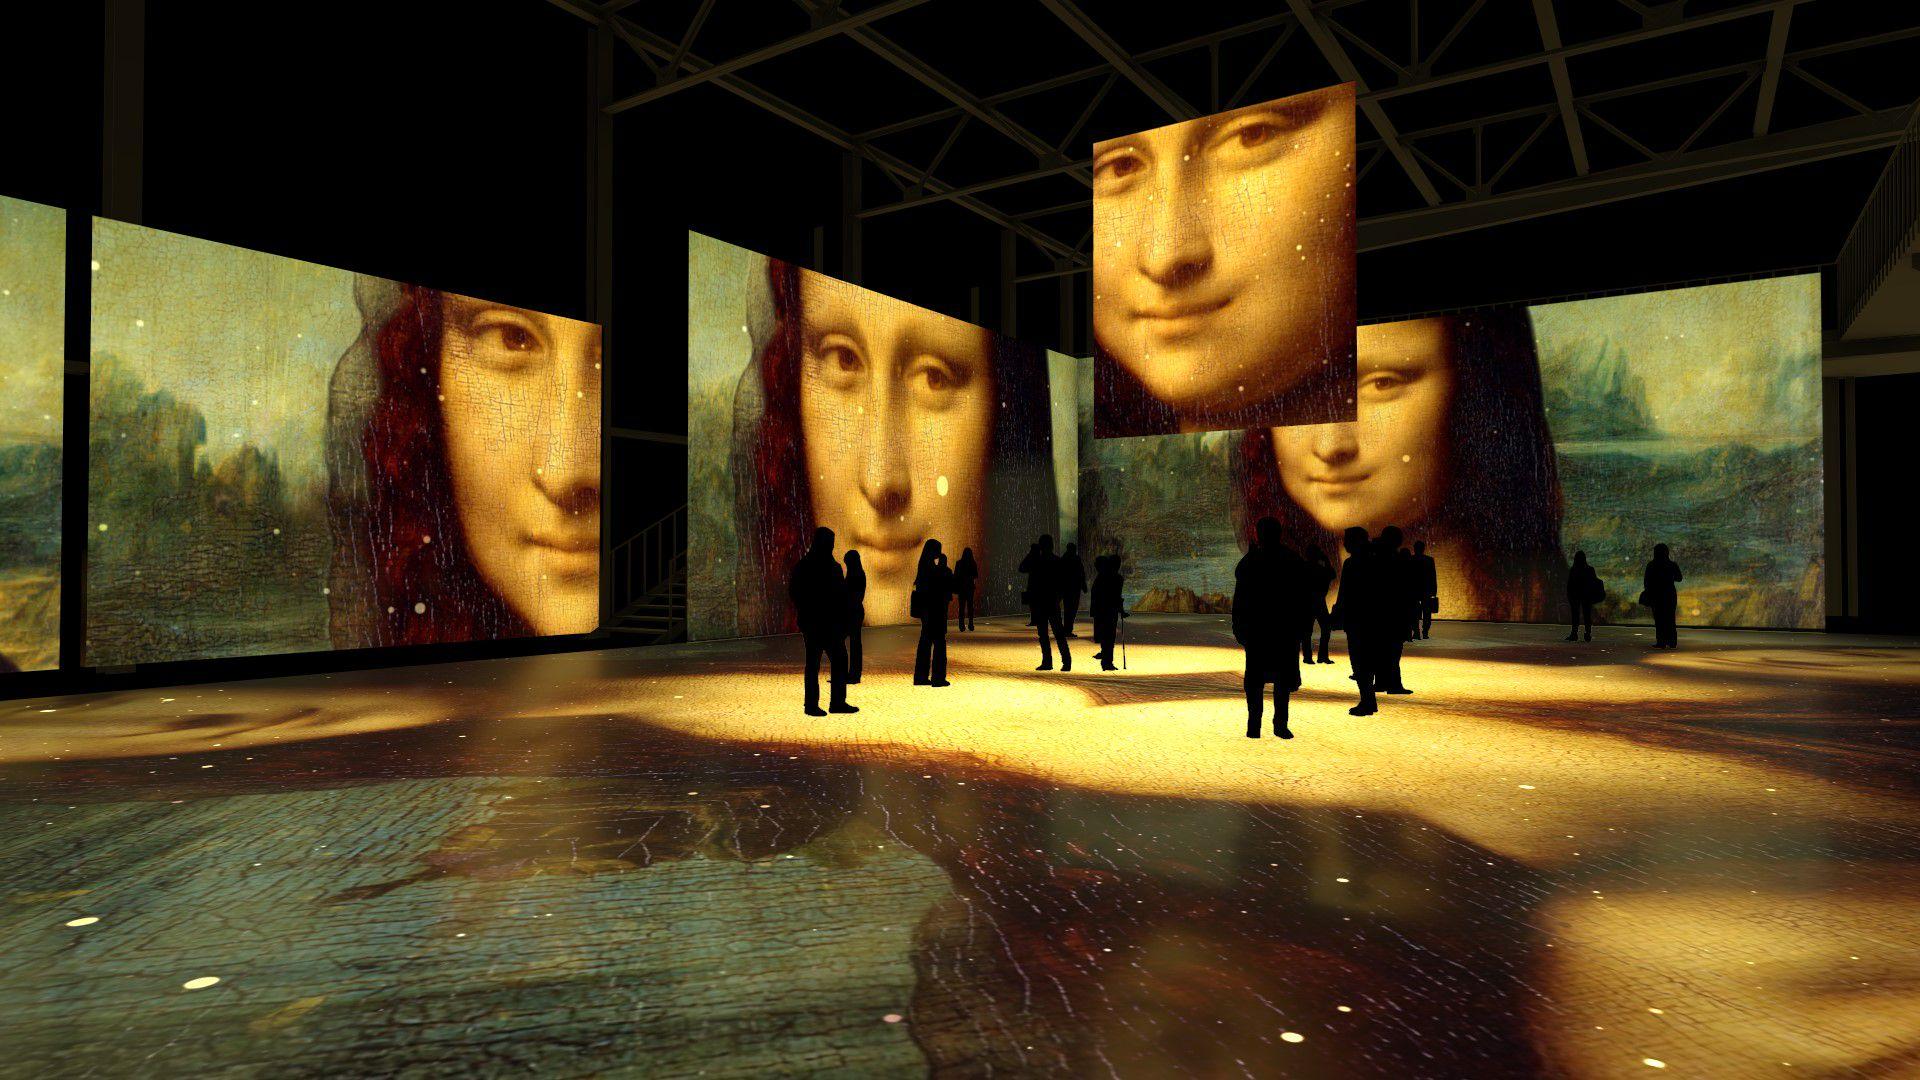 Мультимедийная выставка «Леонардо да Винчи. Тайна гения» фото 1